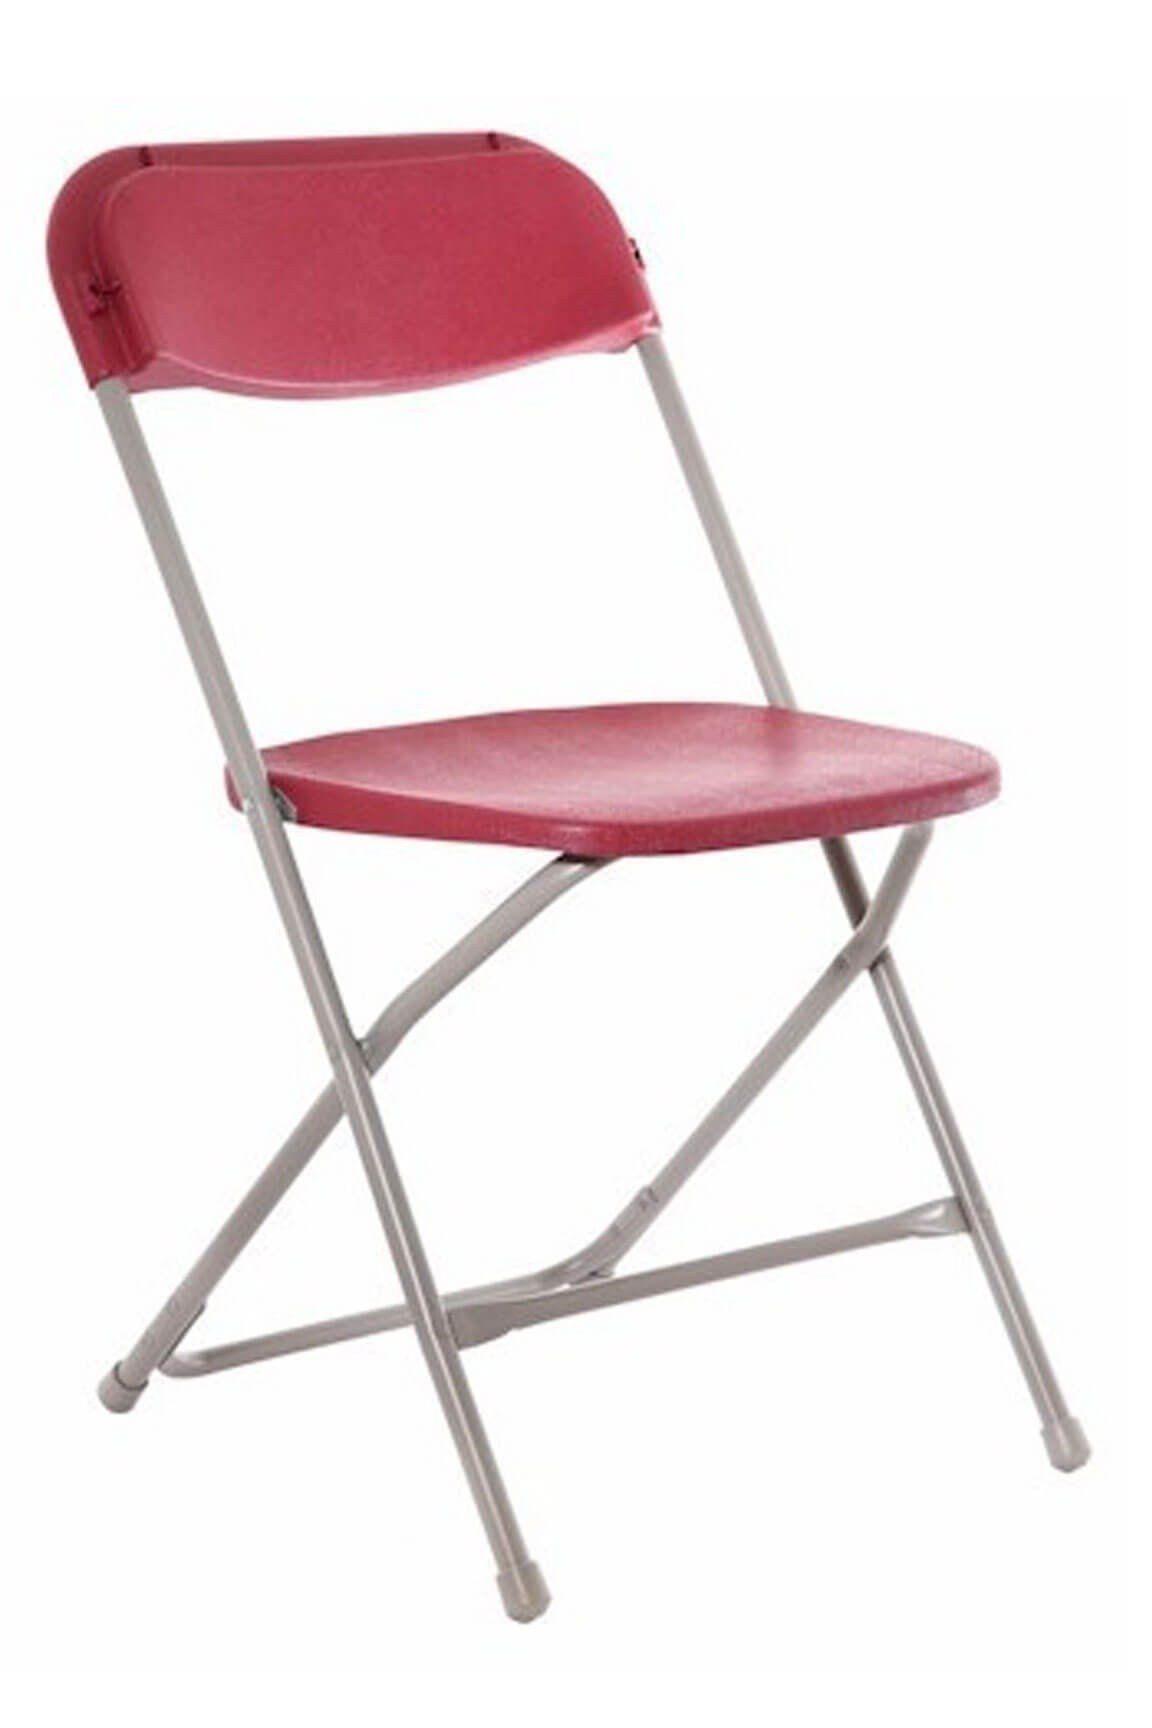 Kunststoff Stuhle Mit Armlehnen Pvc Rocking Stuhl Weisse